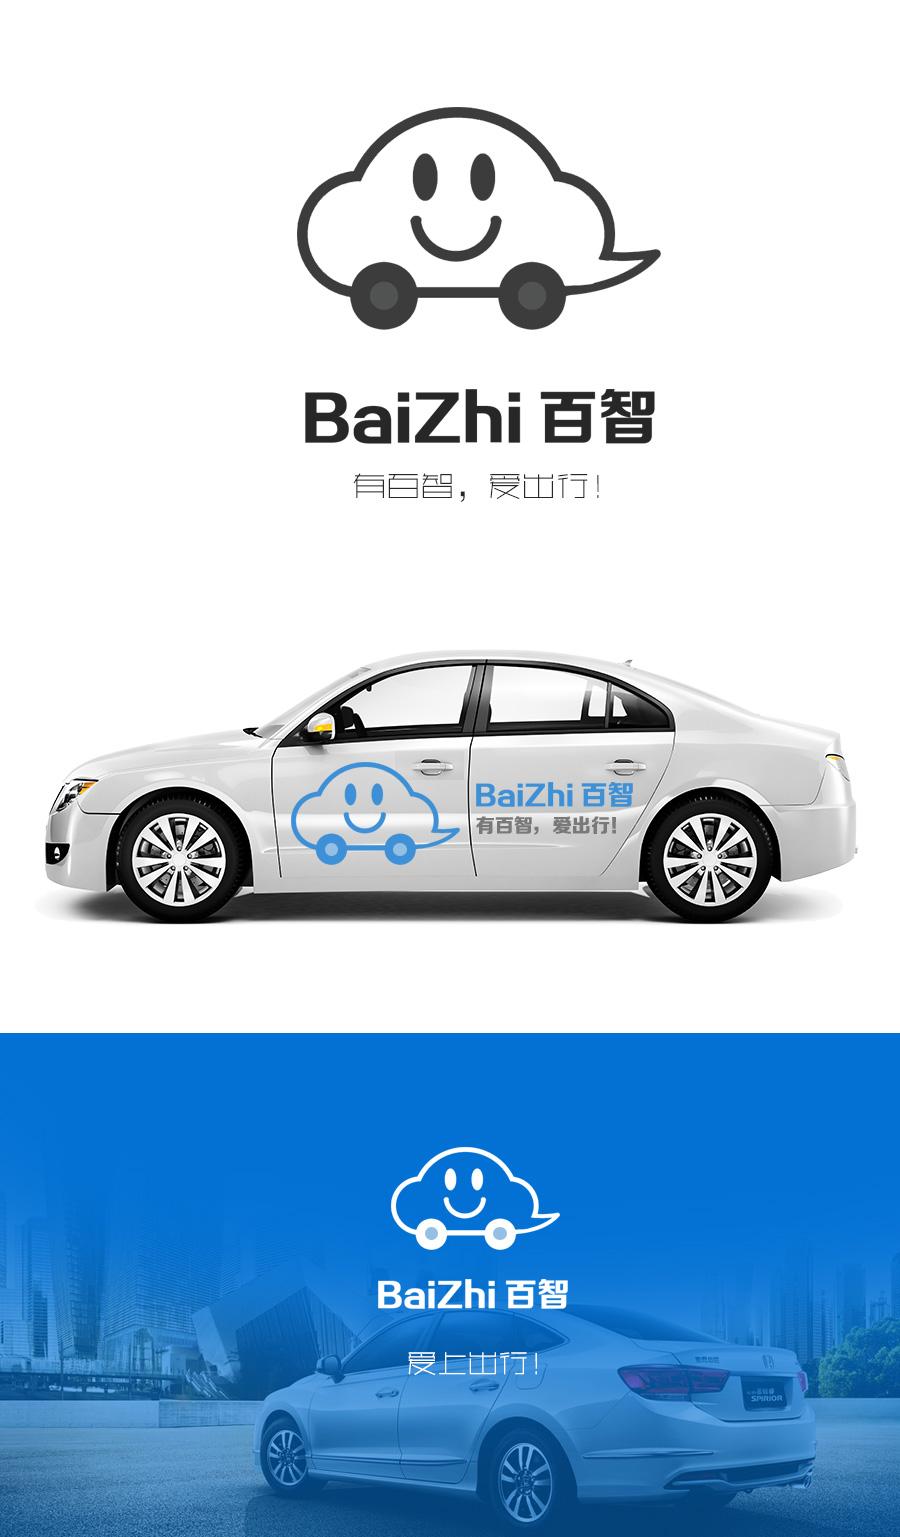 百度智能无人驾驶车品牌logo设计 标志 平面 weixia